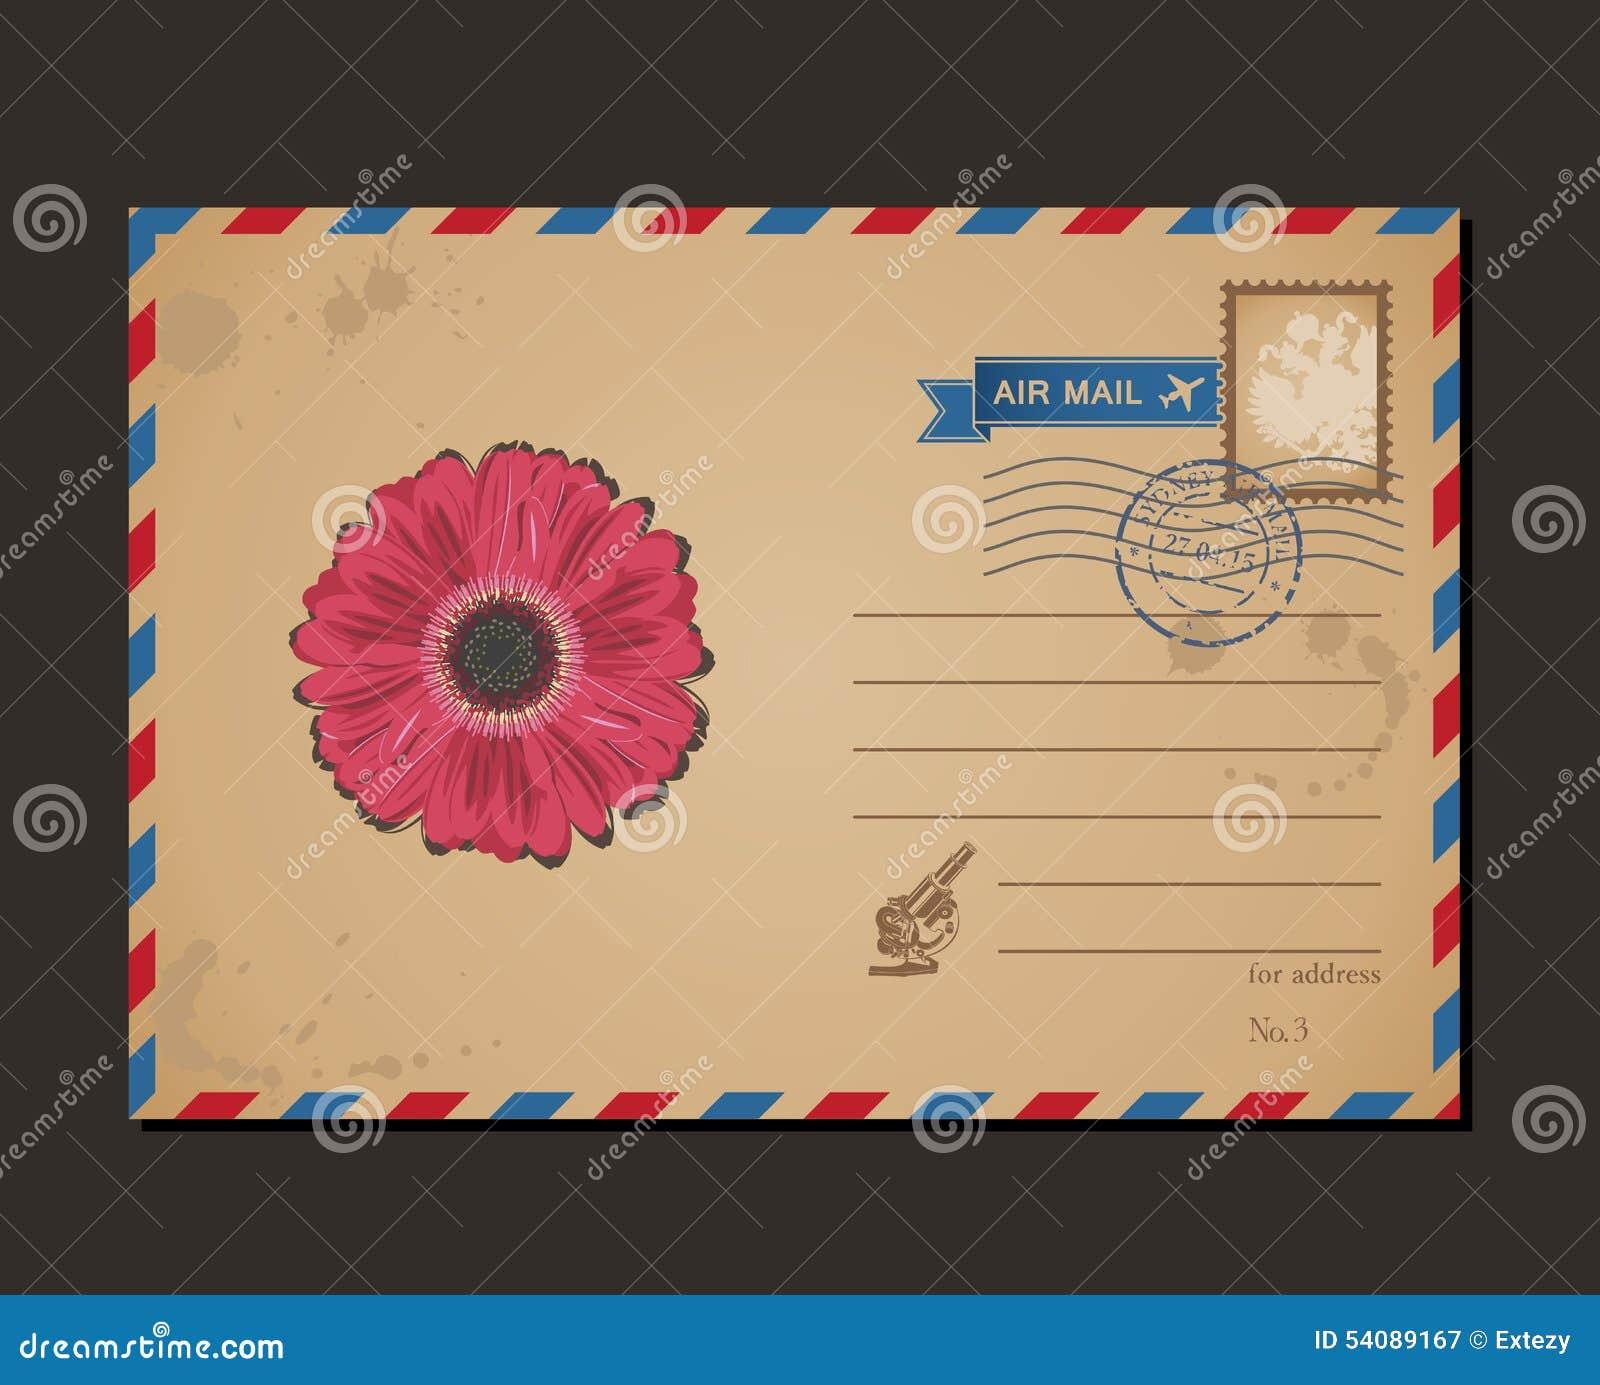 Открытки, марк и штемпель открытки